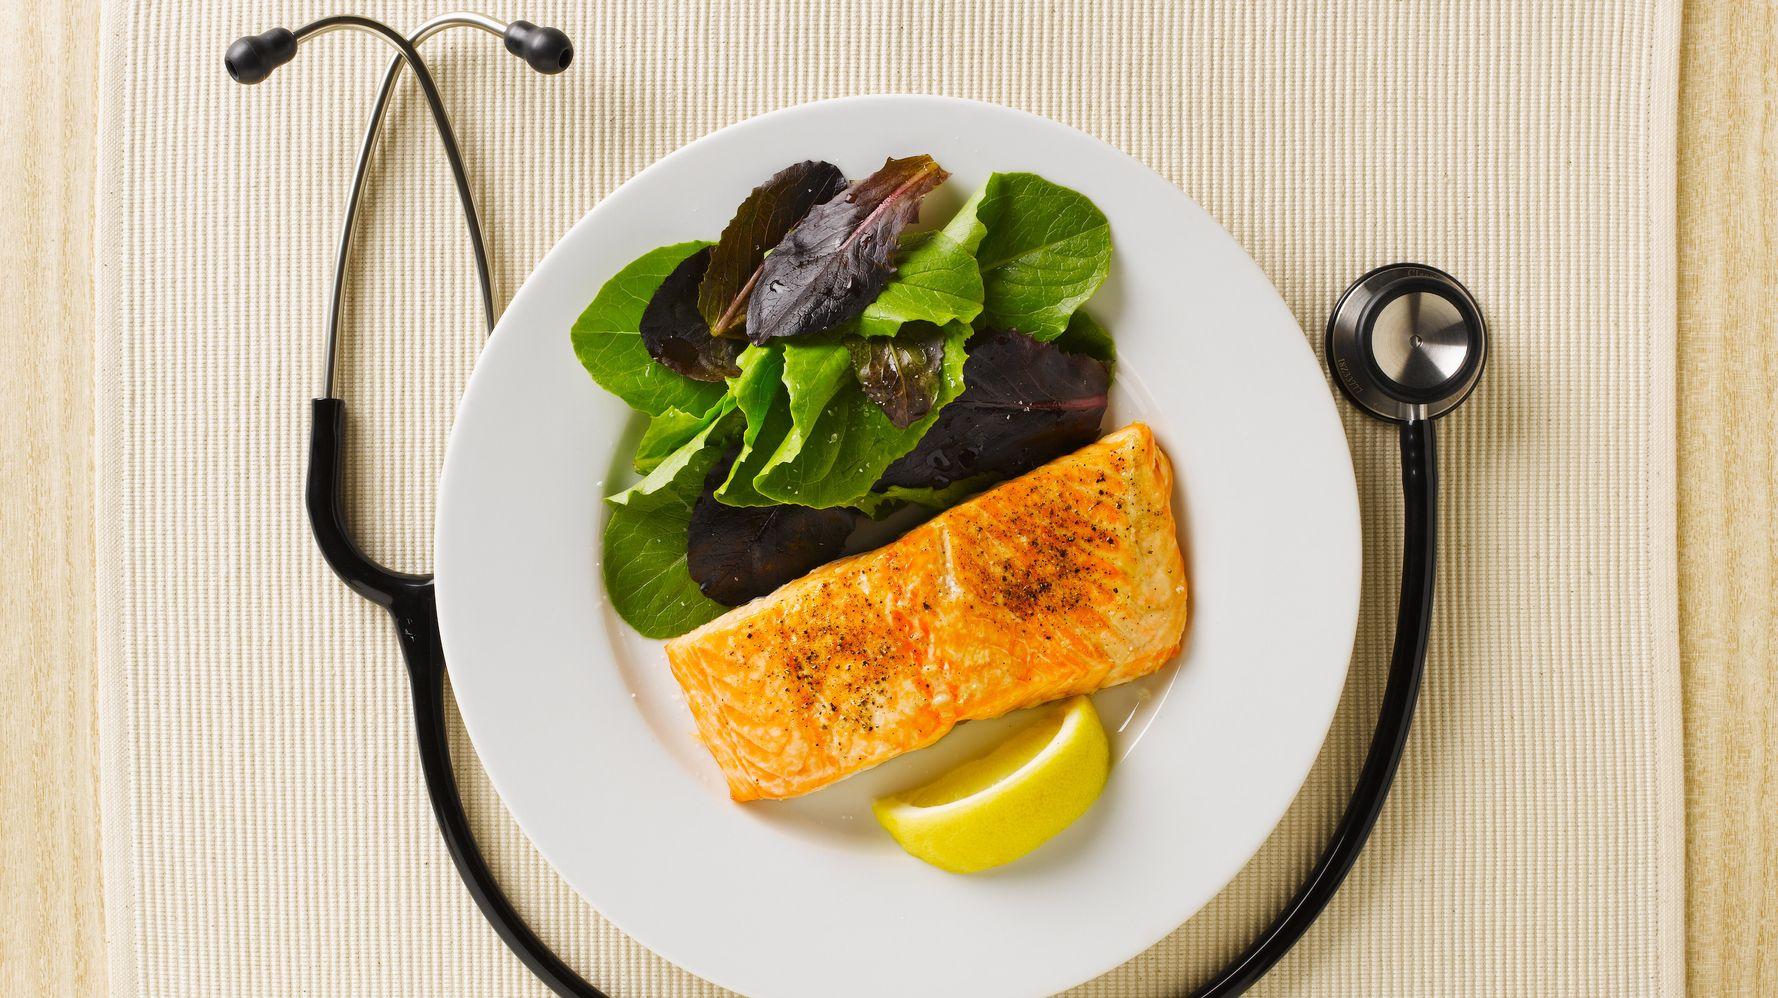 dieta cetogenica é perigosa